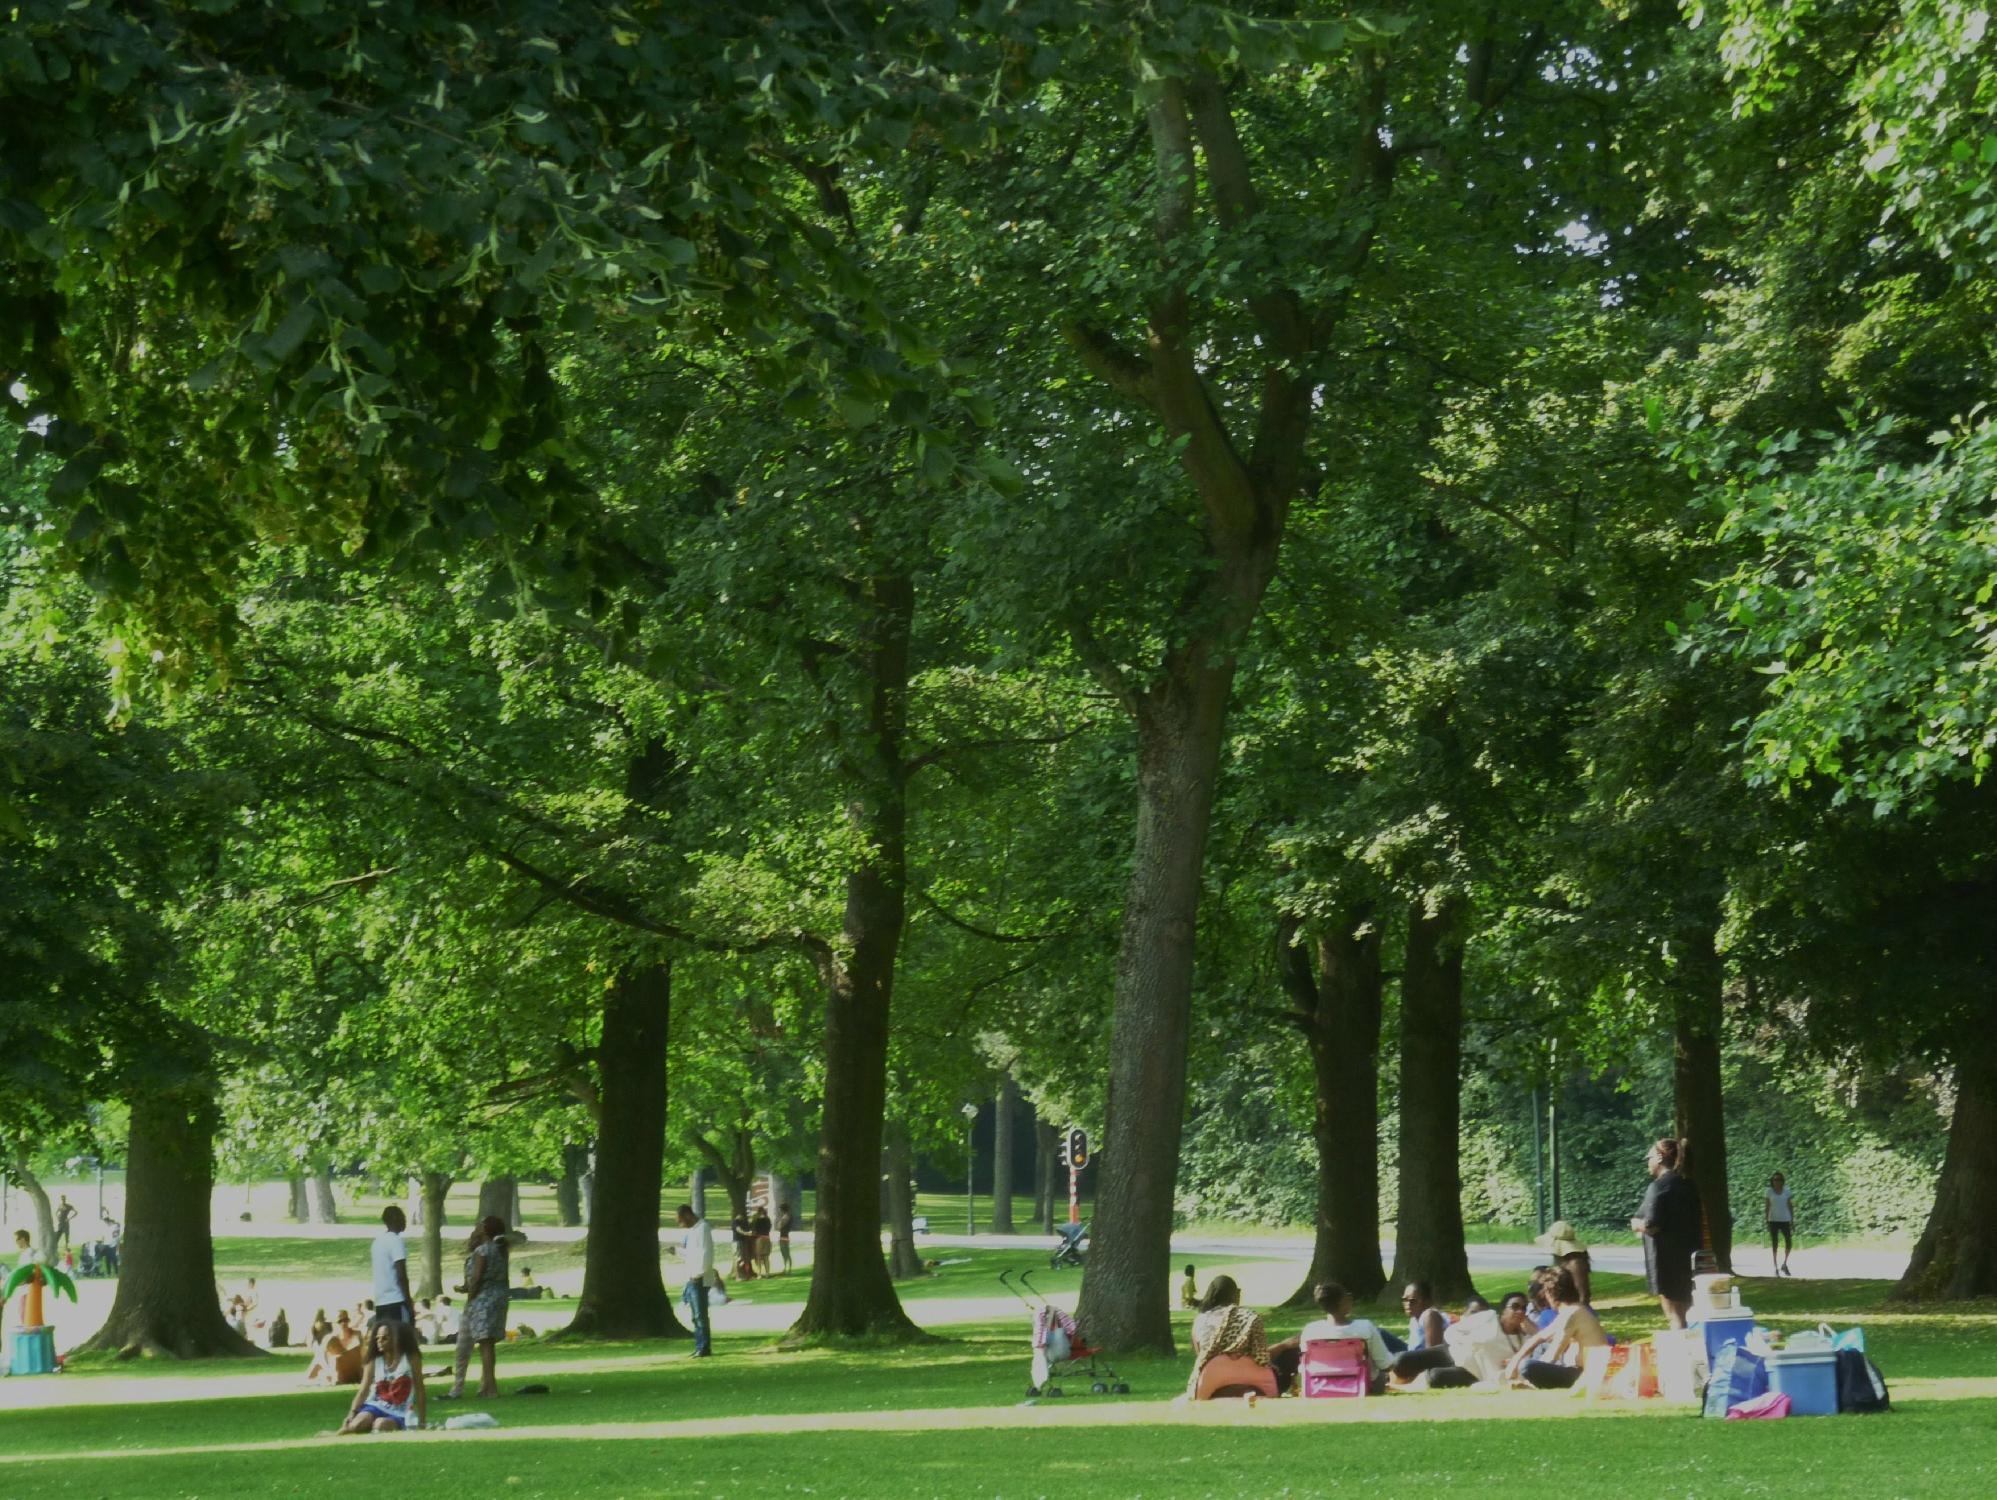 Bois de la cambre and foret de soignes brussels belgium for Bois de la chambre bruxelles